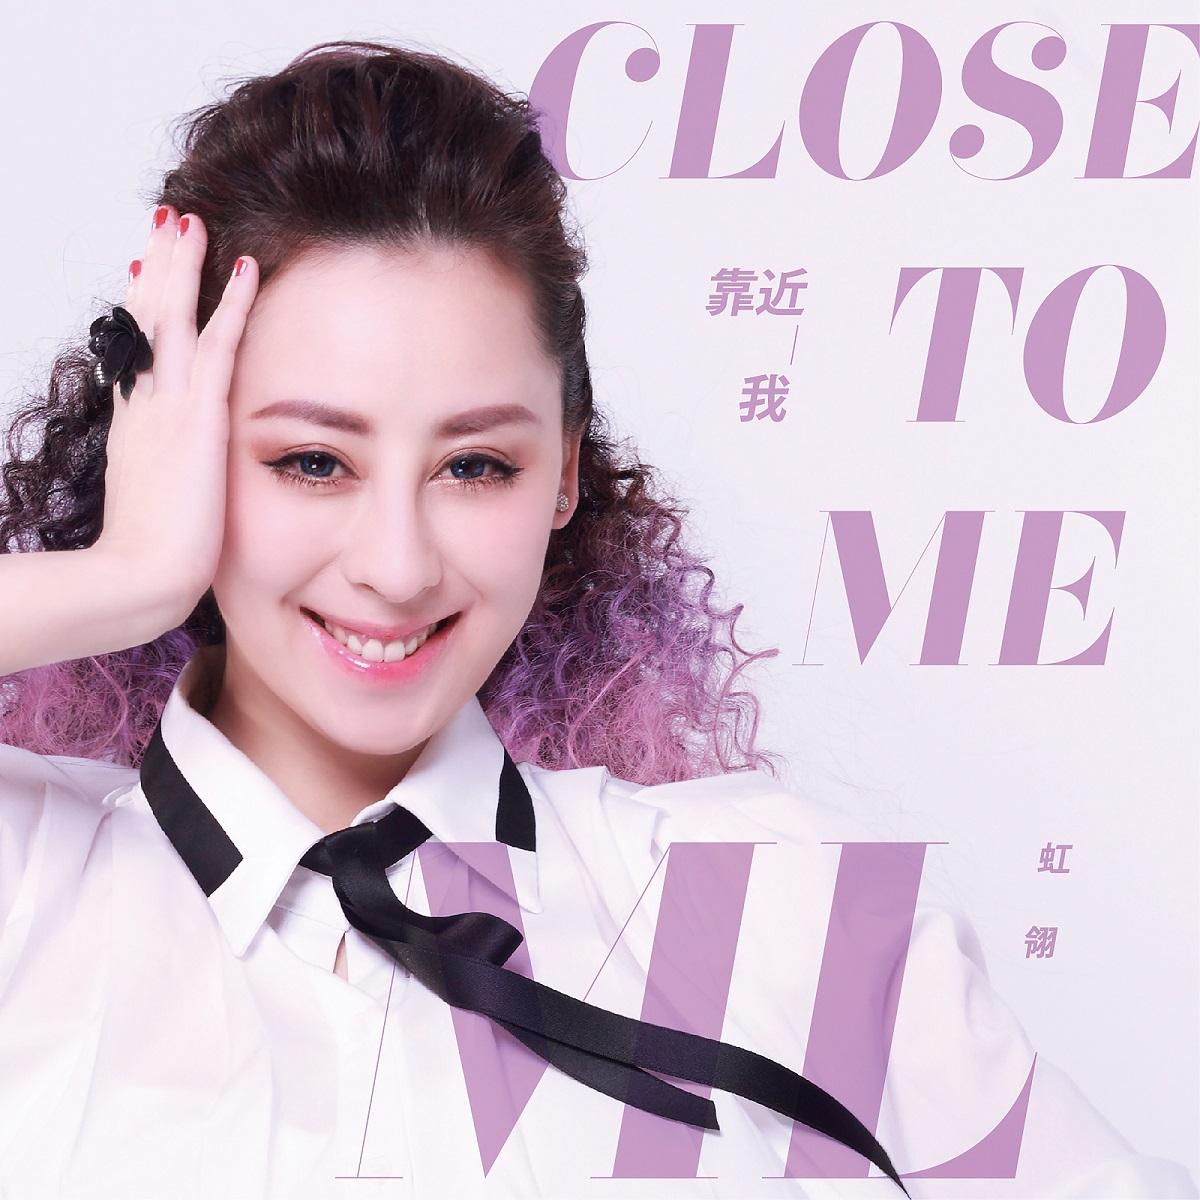 刘虹翎:靠近我 Close To Me